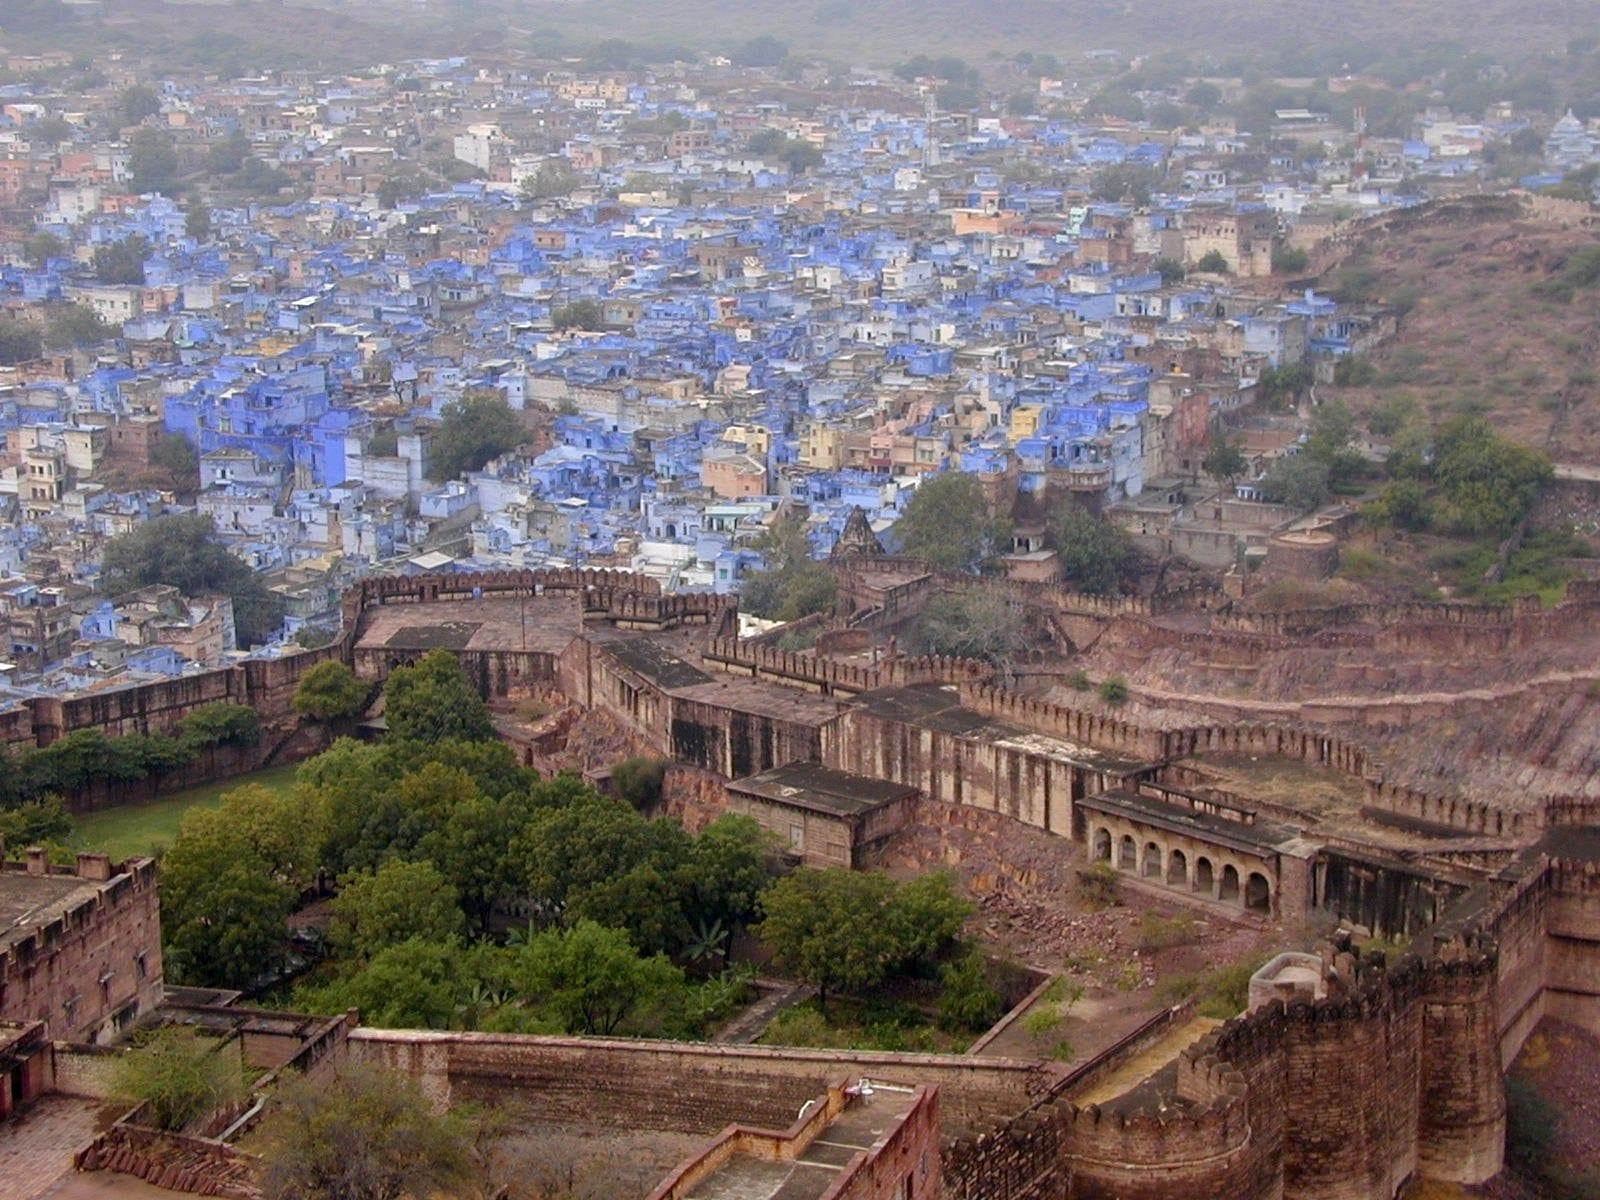 La Ciudad Azul de Brahmpur desde las murallas del Fuerte Mehrangarh Jodhpur India